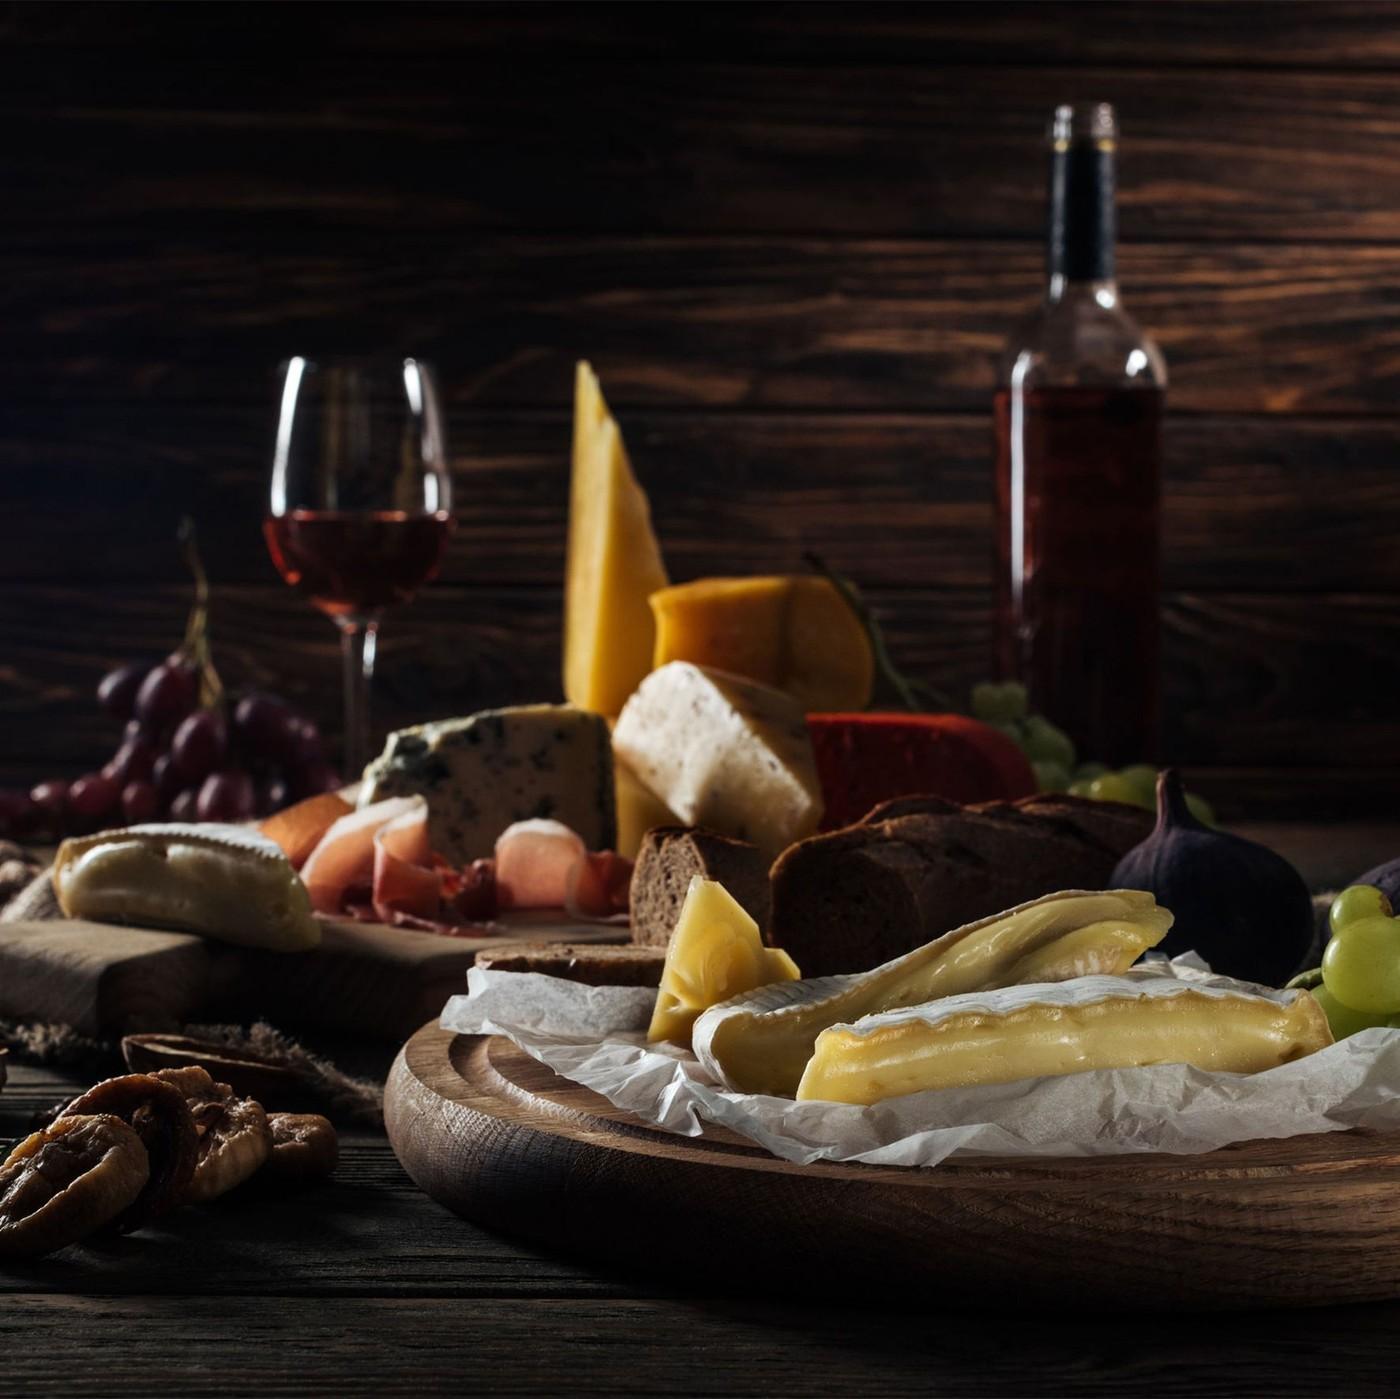 receta de Tris Occelli Con Hojas De Castaño, Con Pimienta Negra Y Roja En Grano Y Con Fruta Y Grappa